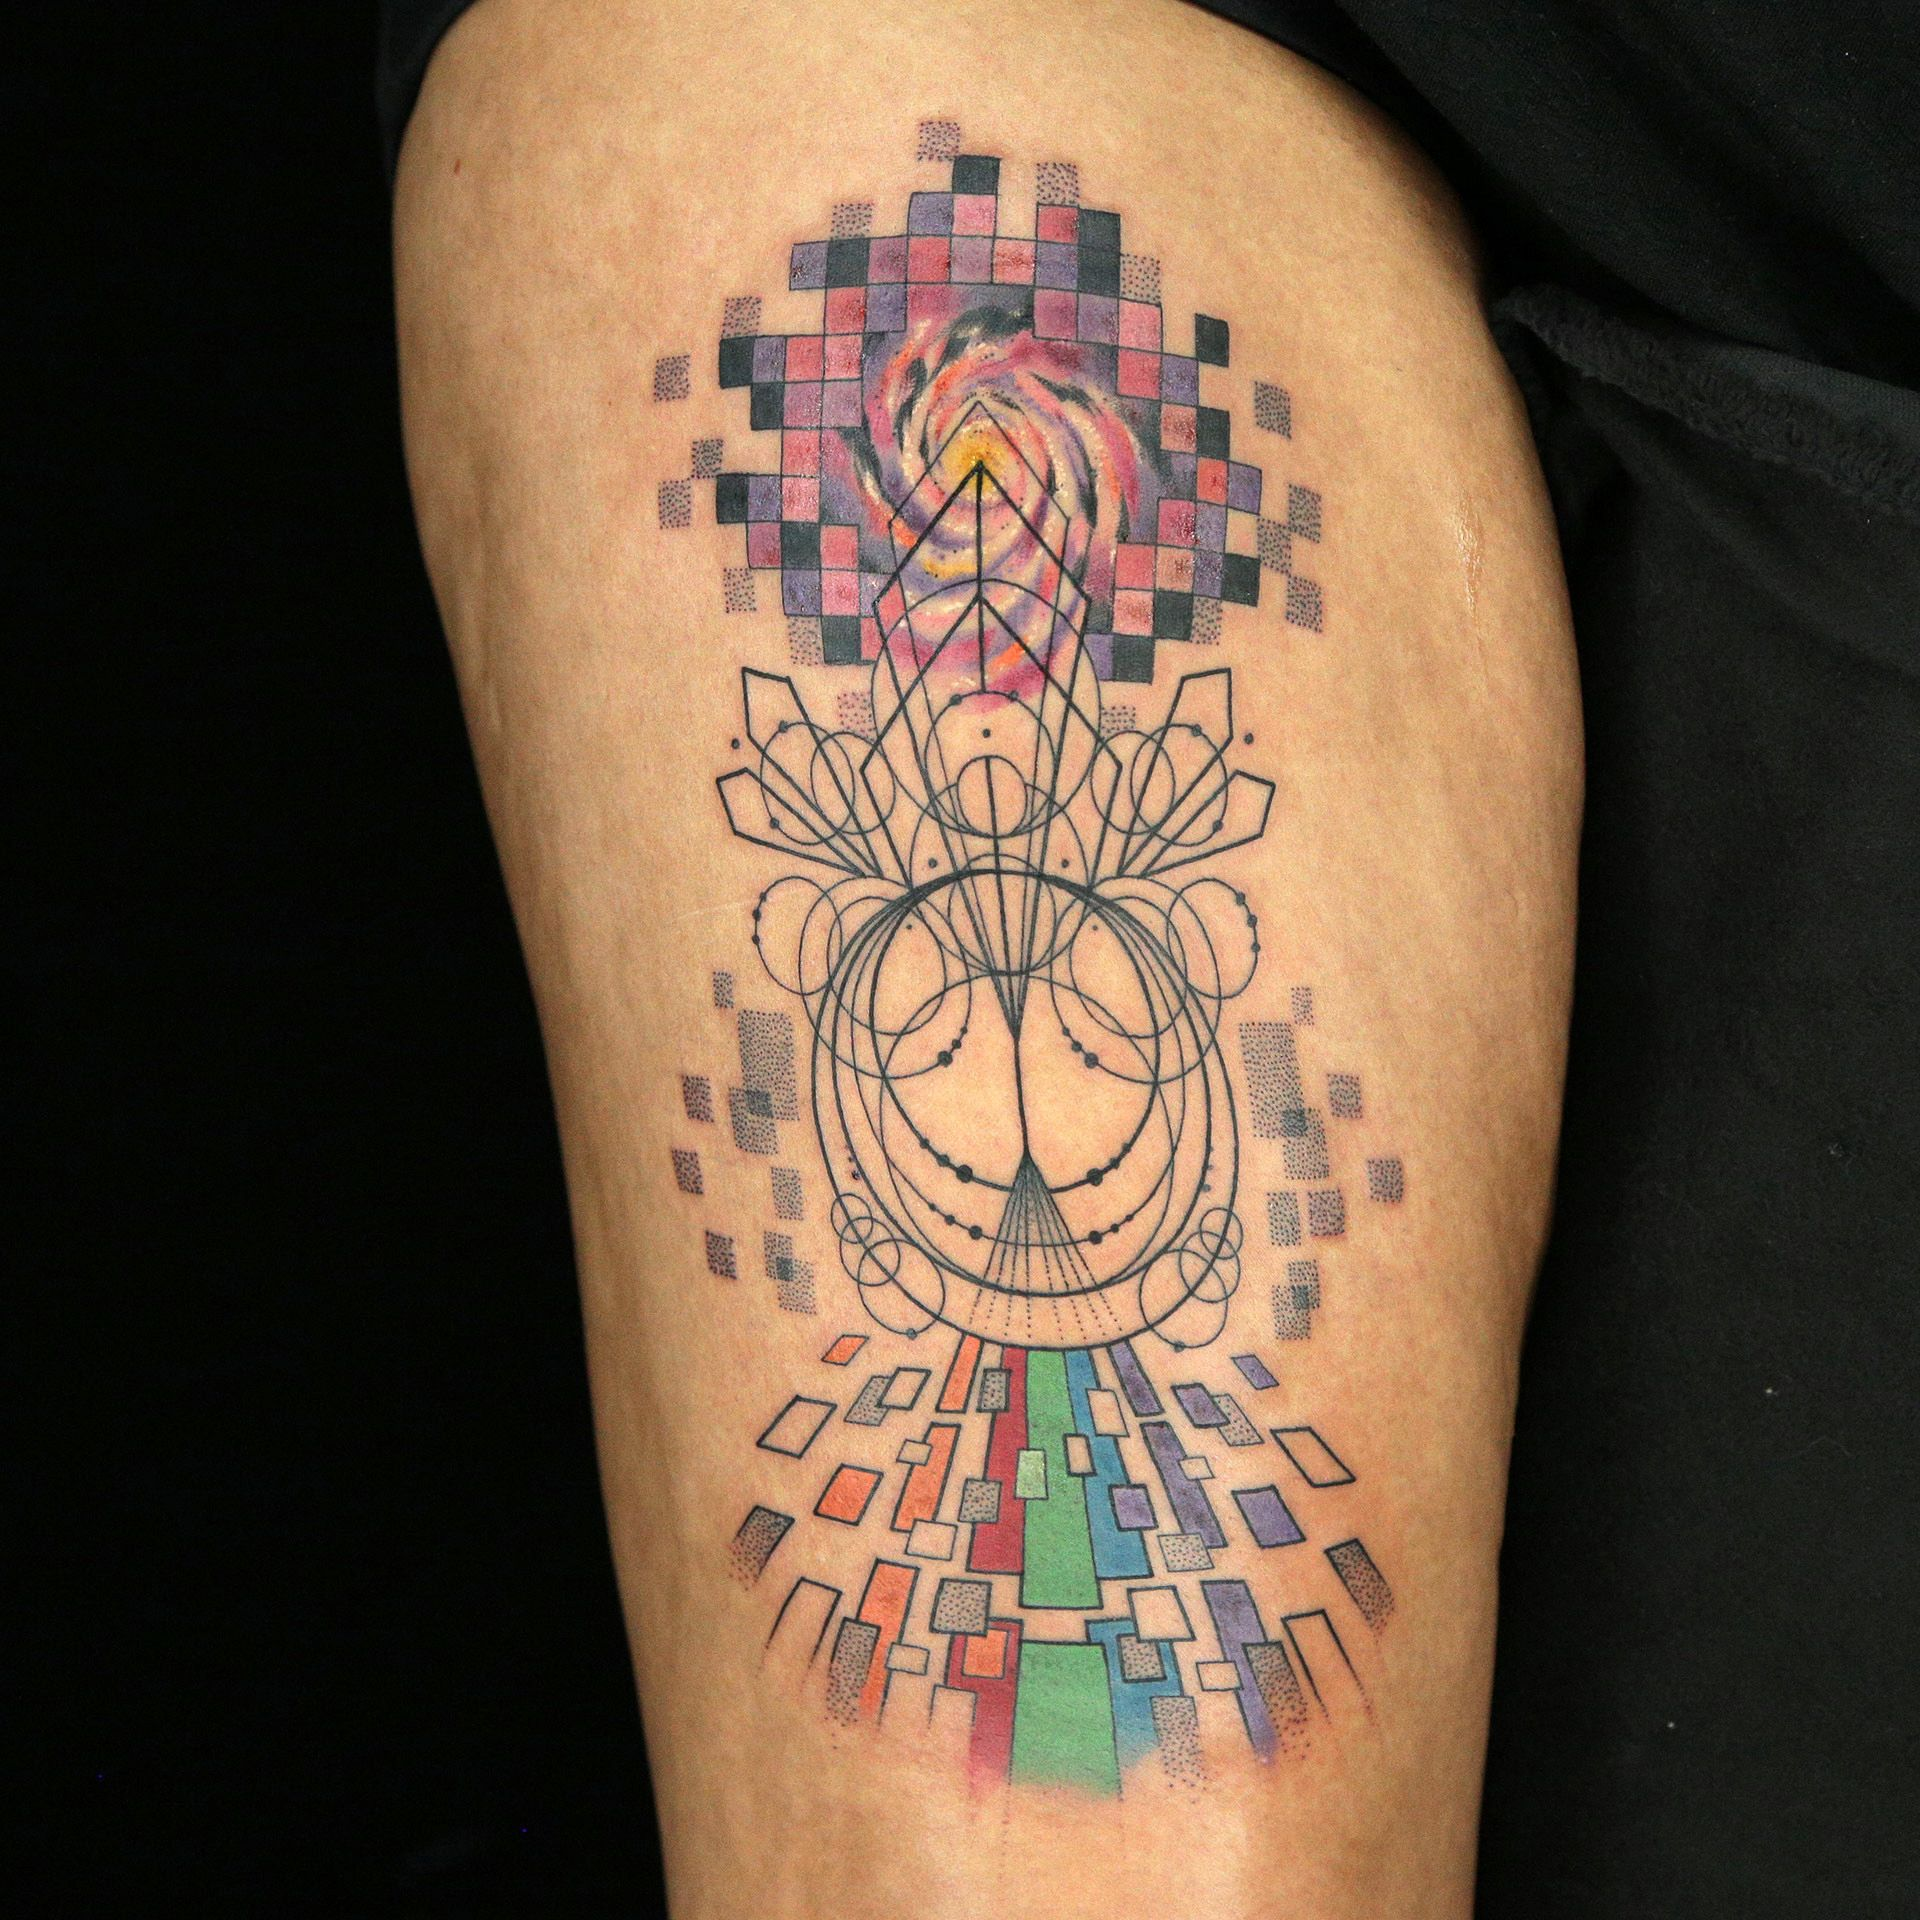 Pixel Tattoo By Daniel Silva Pixel Tattoo Tattoos Ink Master